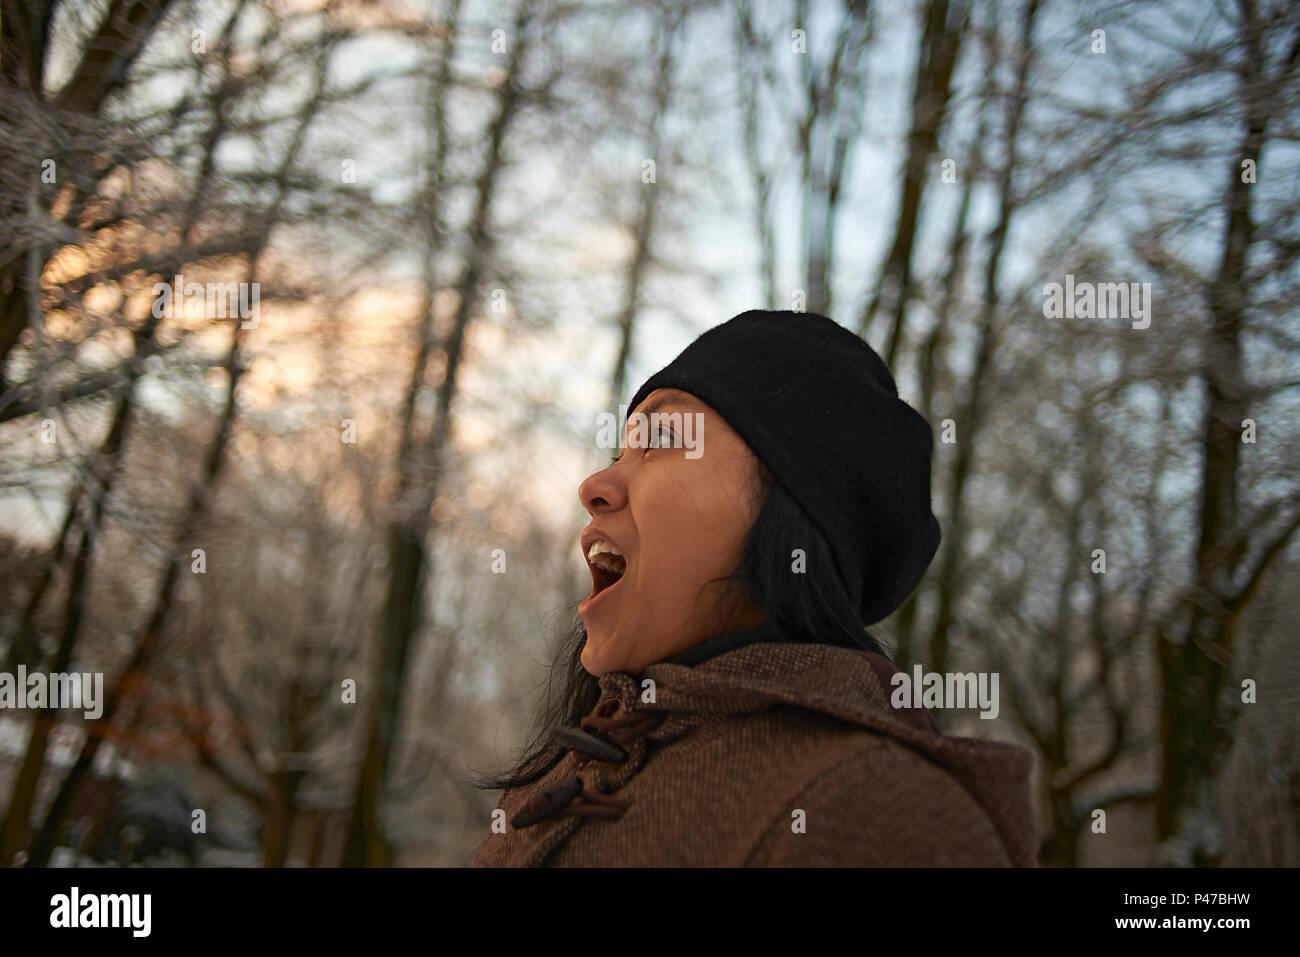 Vue de profil d'une femme asiatique en vêtements d'hiver dans une forêt à l'aube des premières neiges en hiver sunshine Banque D'Images